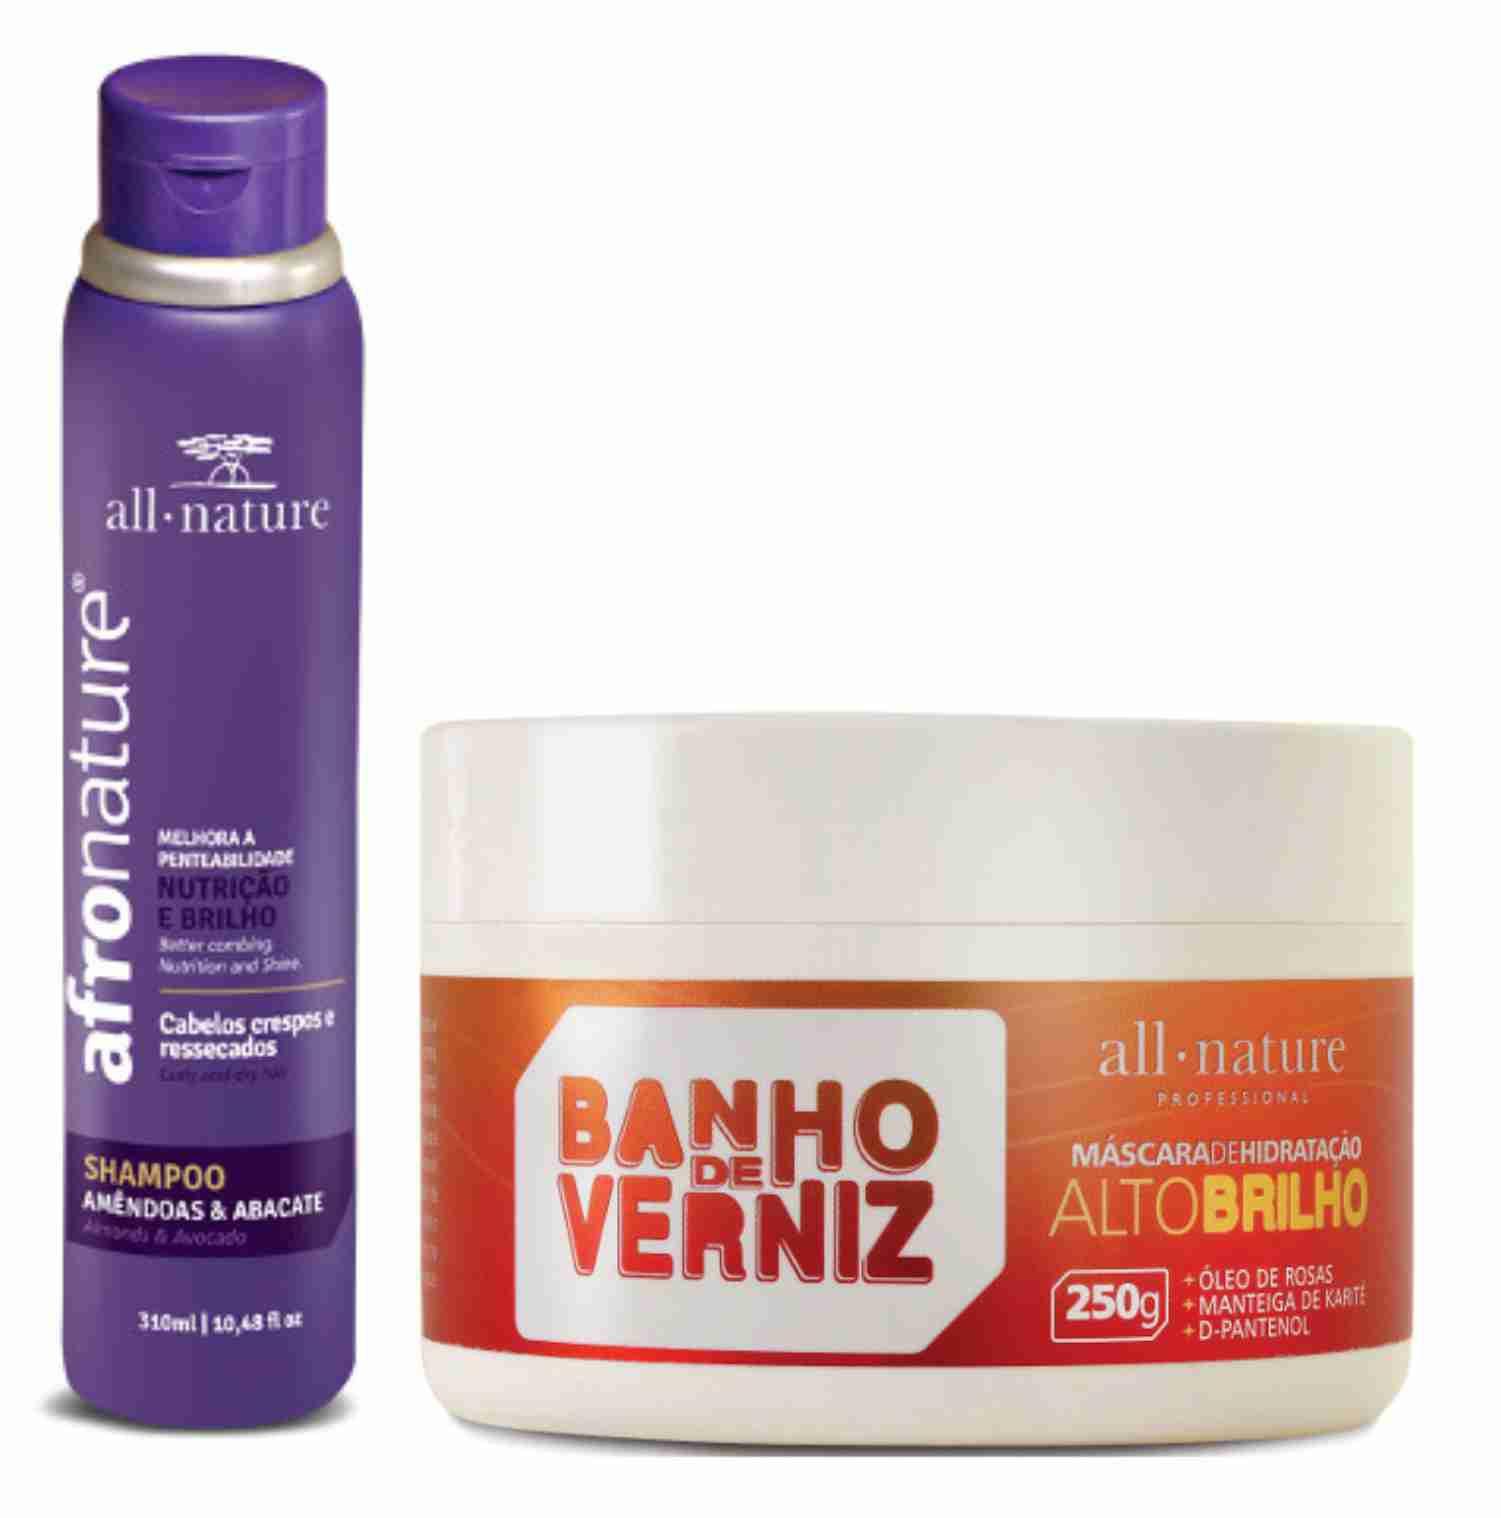 Shampoo Amêndoas e Abacate 300ml Afro Nature + Máscara Banho de Verniz 250g Para Cabelos Secos e Ressecados - All Nature